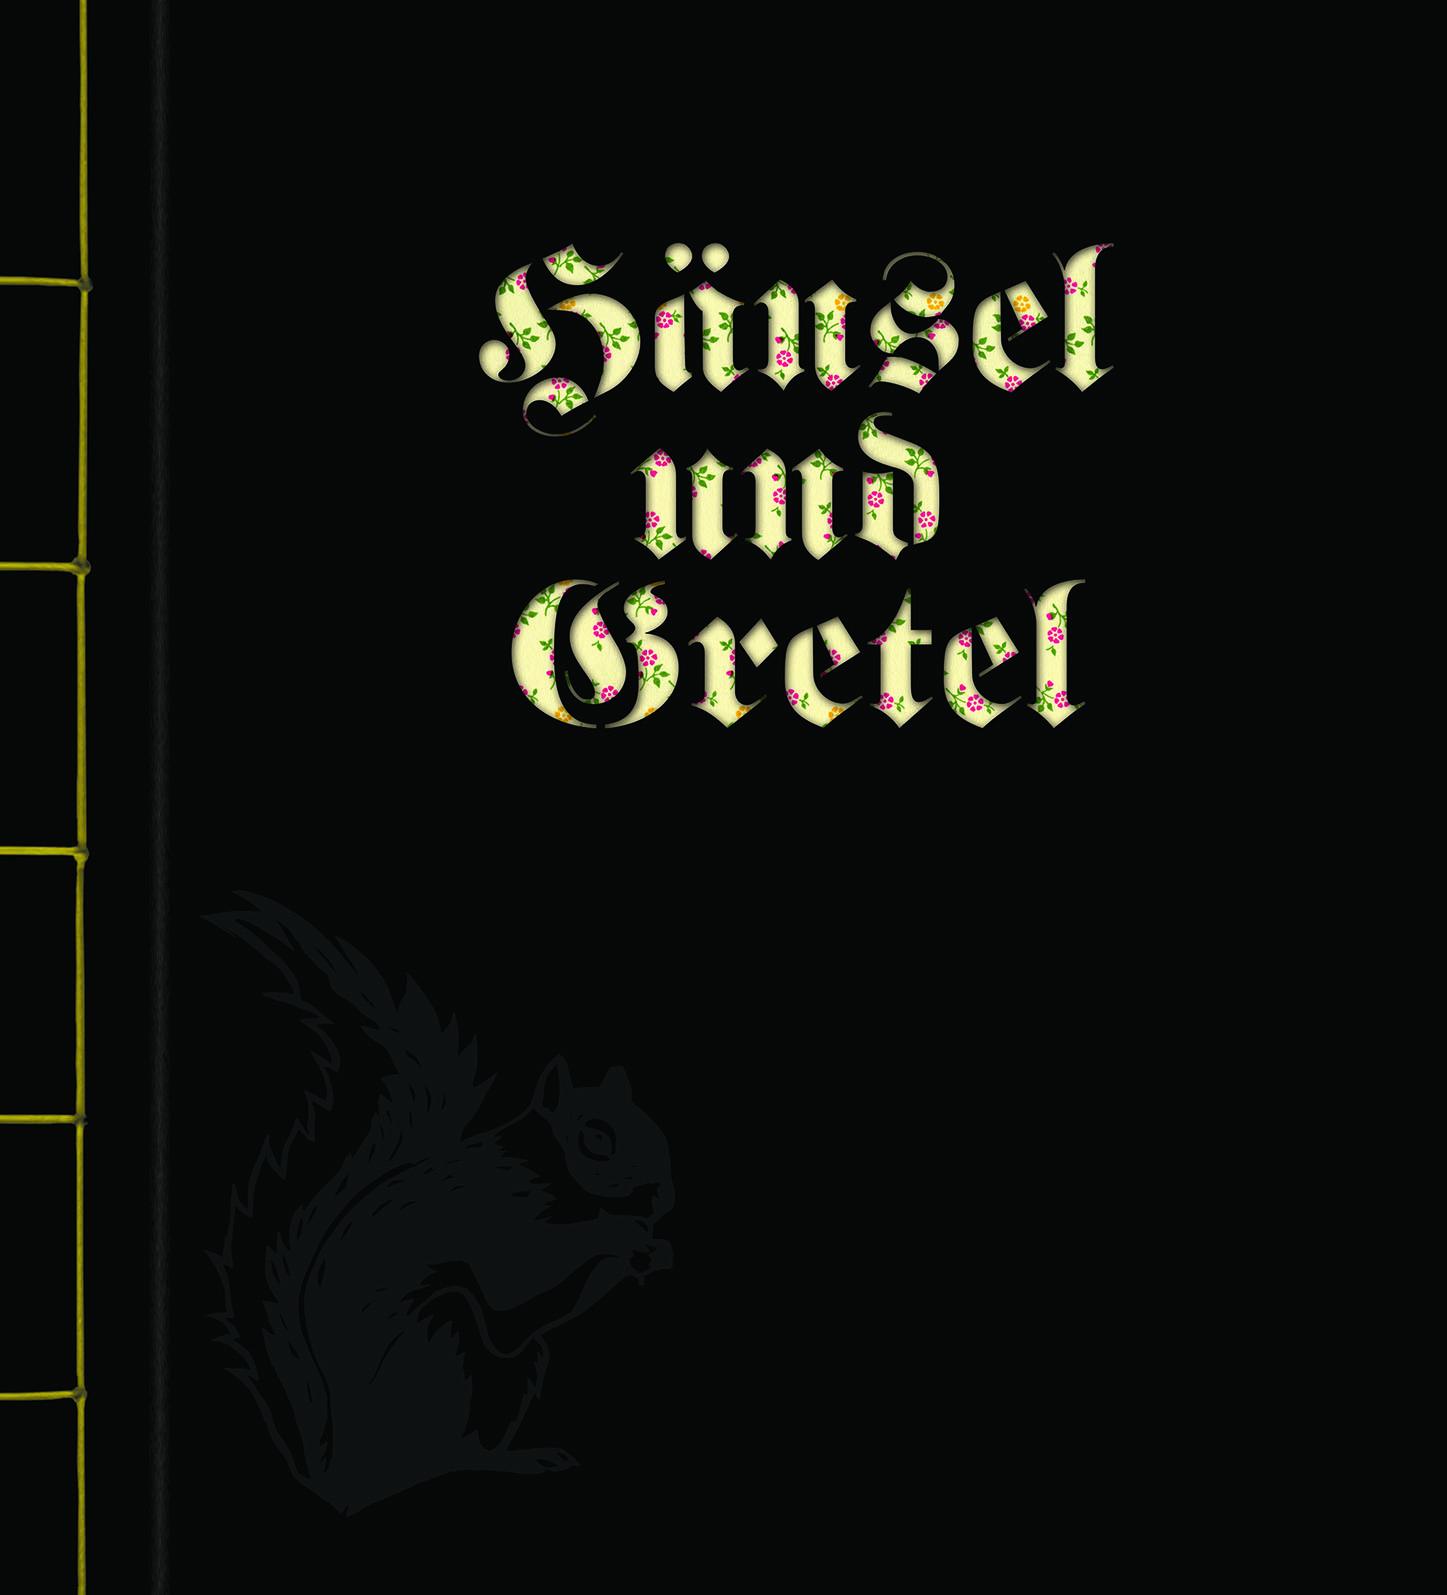 Hänsel und Gretel Book Cover